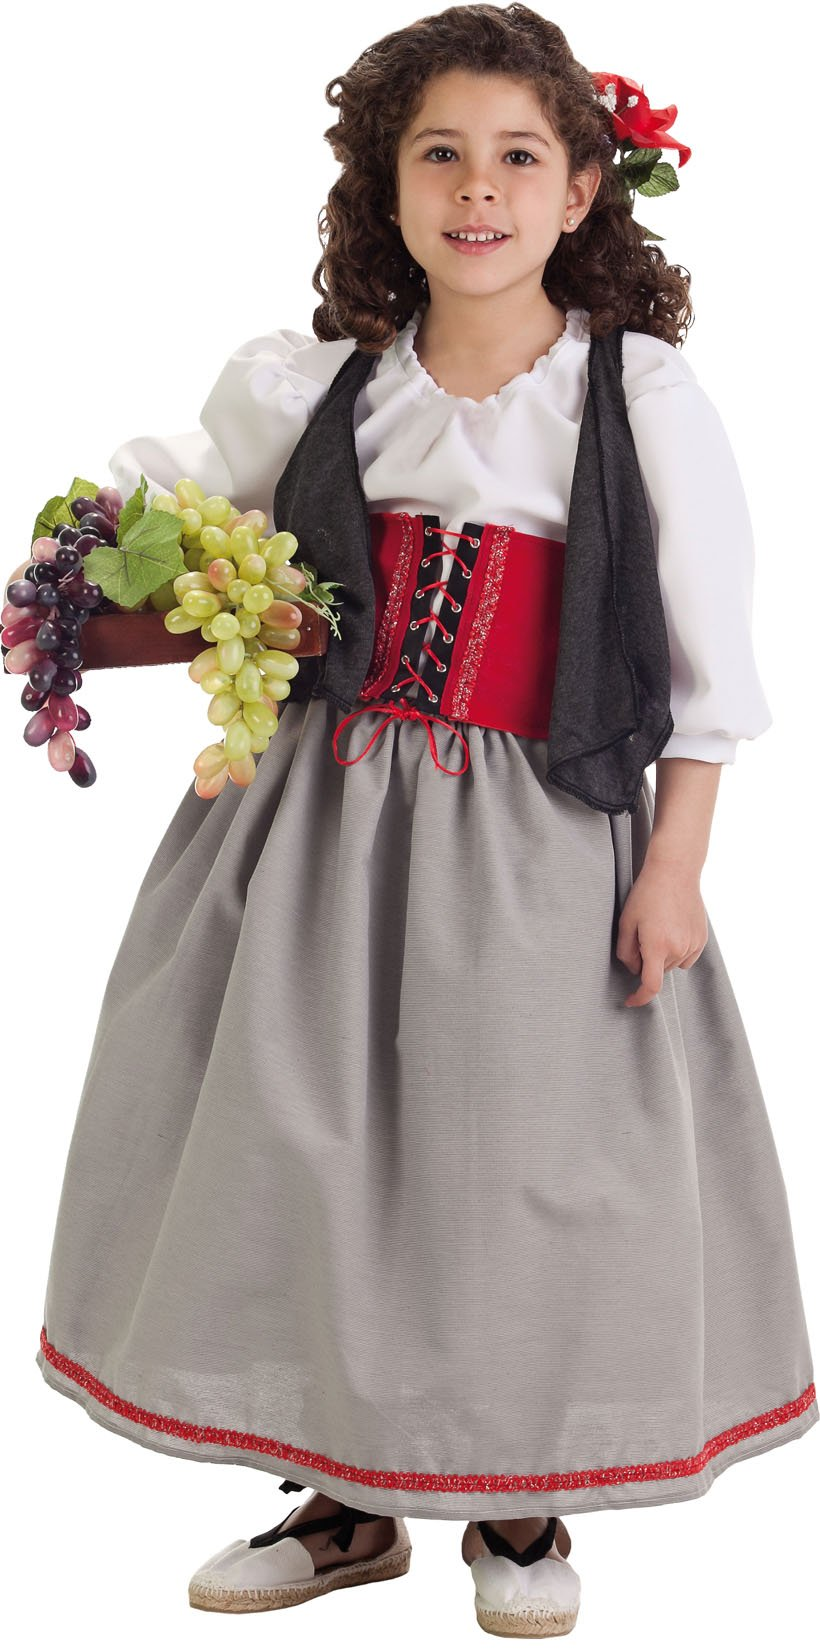 Disfraz de hortelana talla 3 (7-9 años)